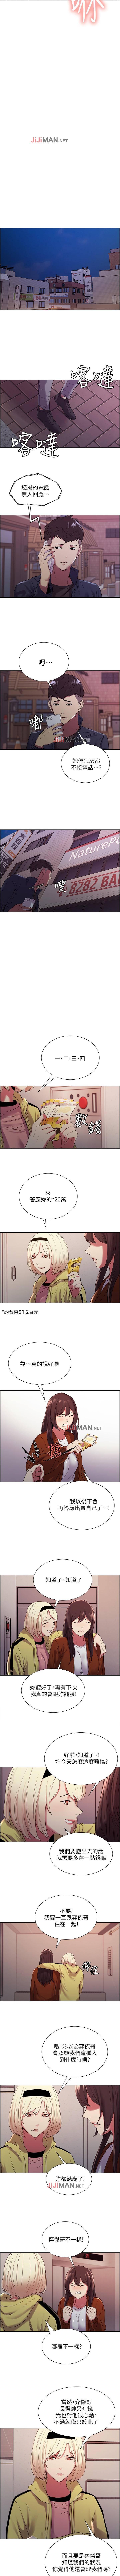 【周二连载】室友招募中(作者:Serious) 第1~13话 91